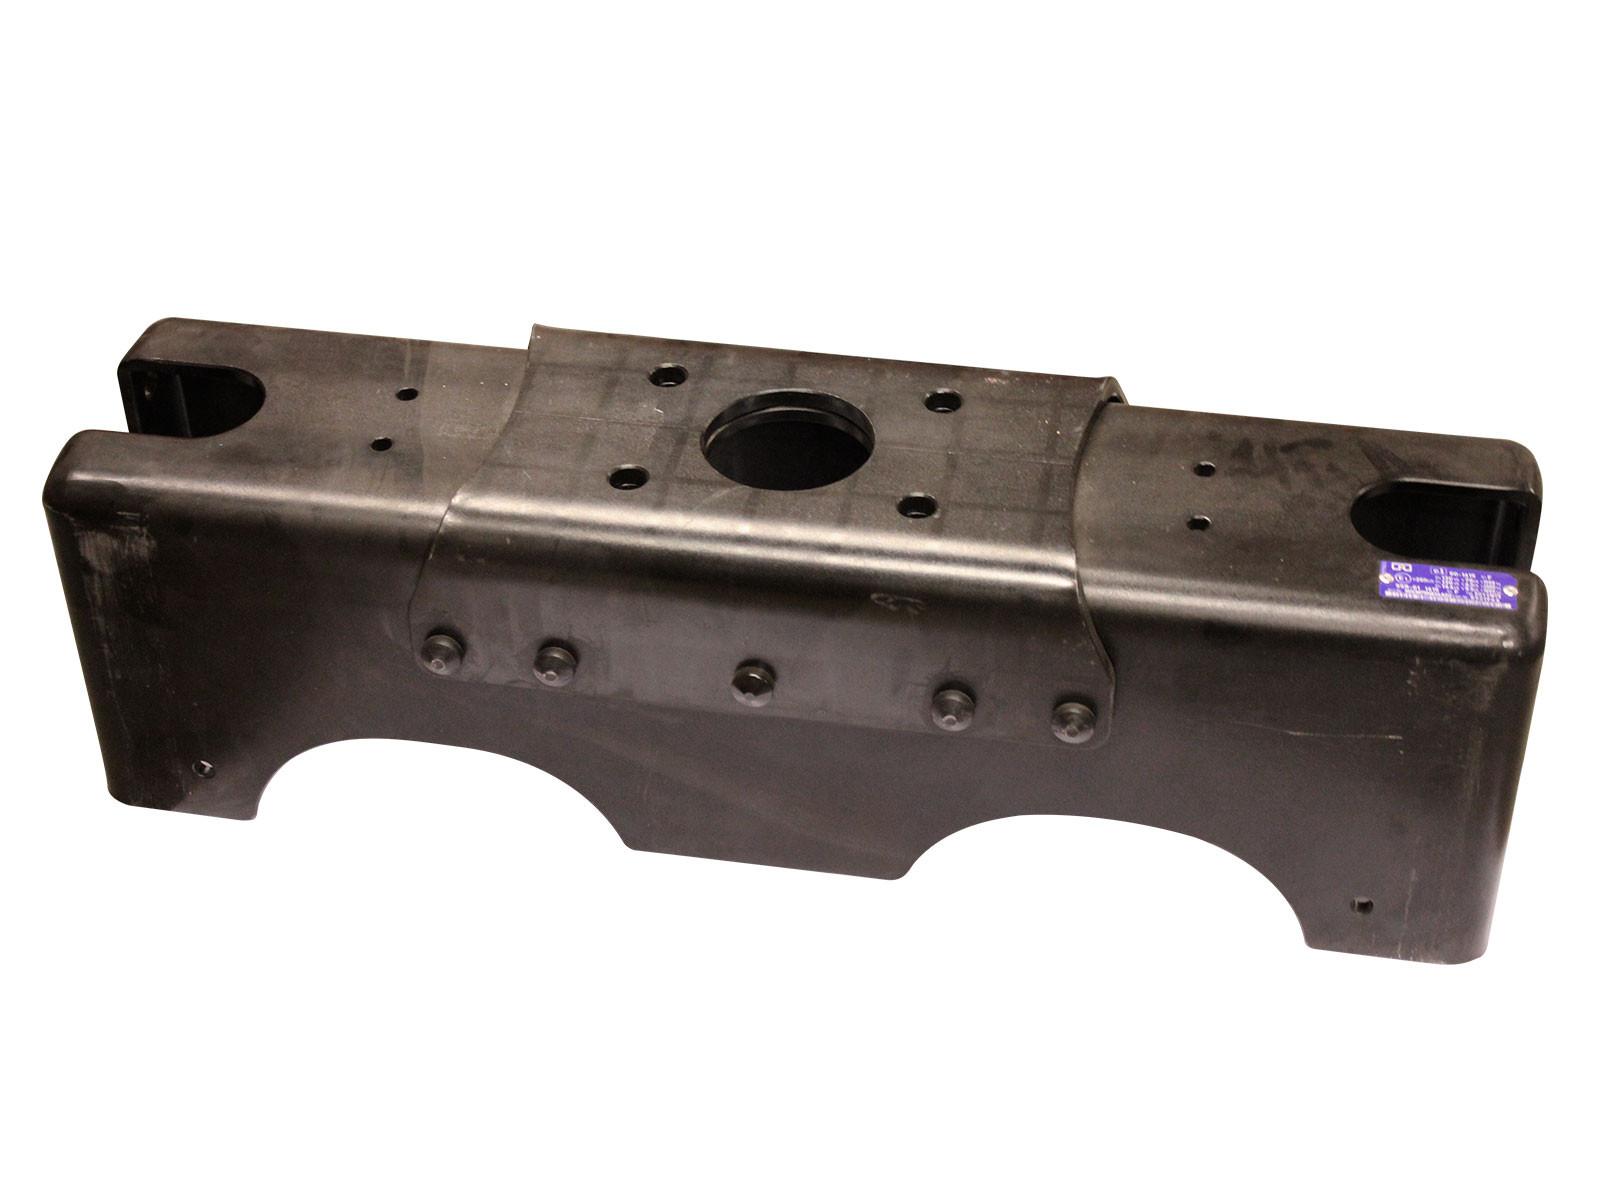 Trækbjælke l 834 mm D 200 kN - Rockinger CM75N834A02 120x60